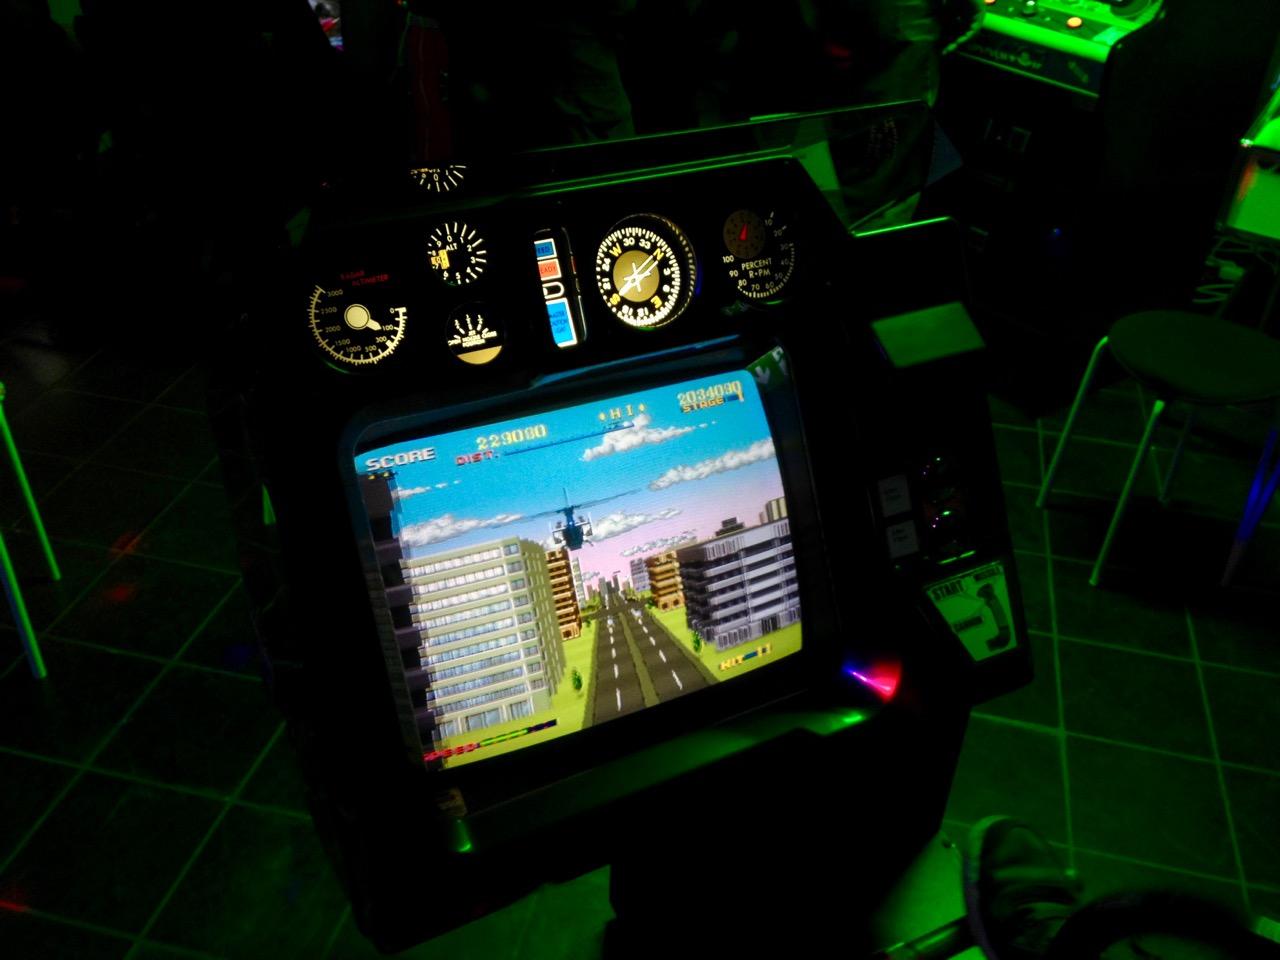 SEGAs Helikopter-Actionsspiel Thunder Blade gibt es als Sit-In oder normales Cabinet. (Bild: André Eymann, aufgenommen im OCM)